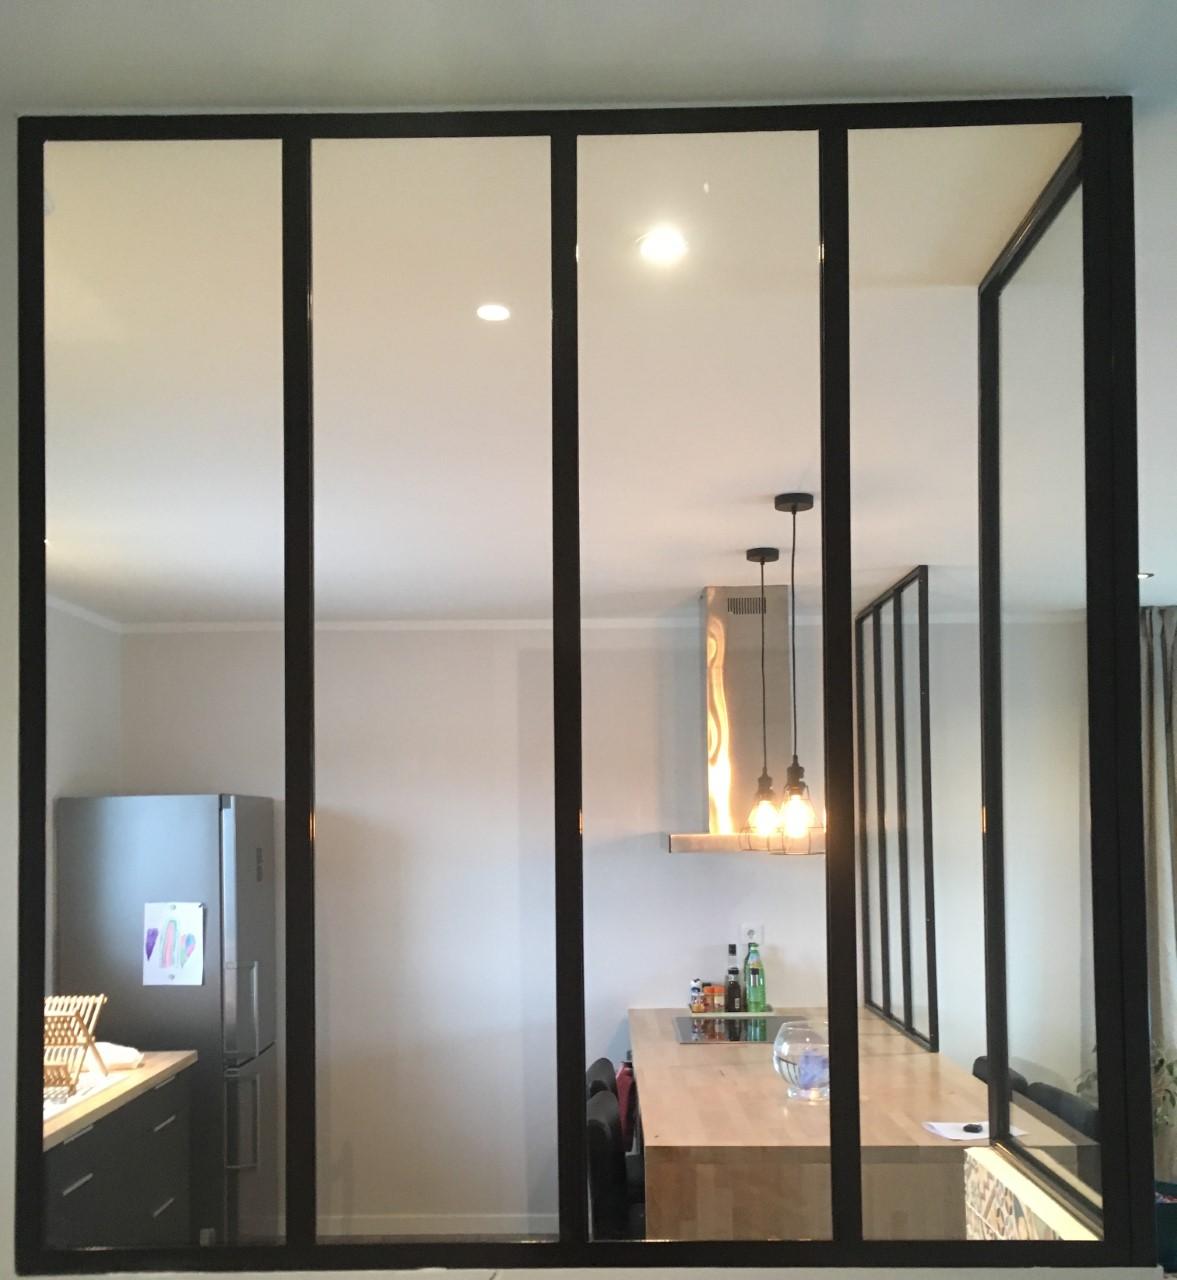 verri re style atelier sur mesure m tallier bordeaux. Black Bedroom Furniture Sets. Home Design Ideas